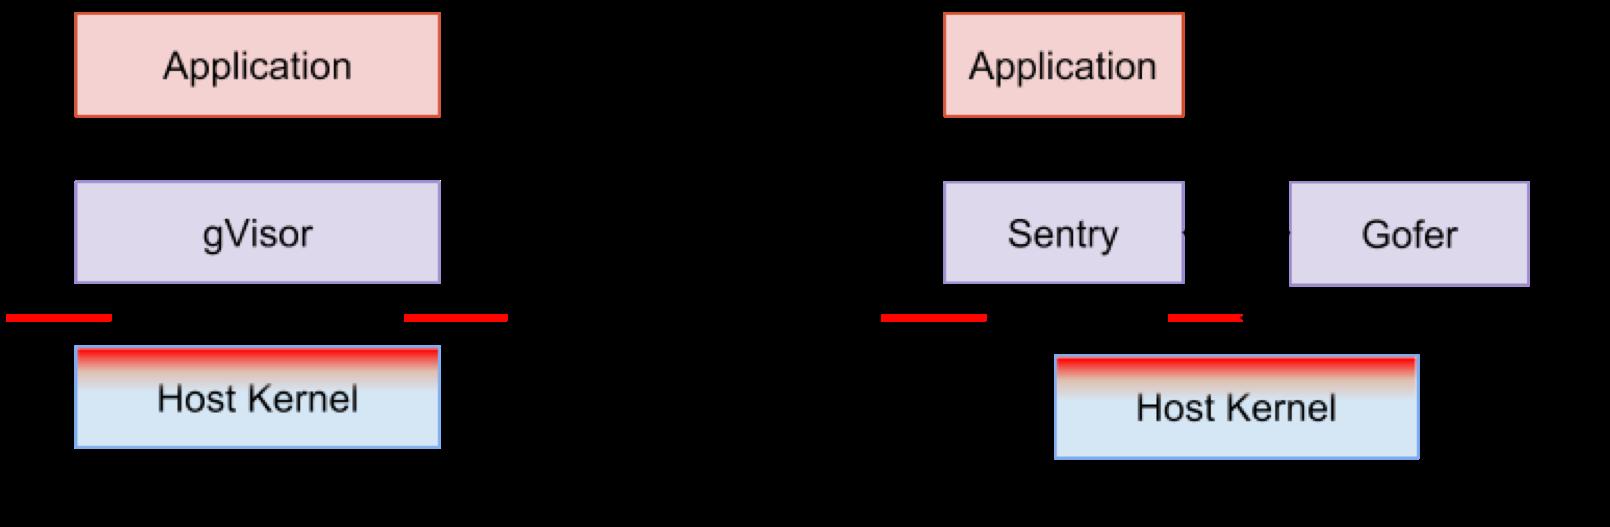 Как сделать контейнеры еще более изолированными: обзор контейнерных sandbox-технологий - 5